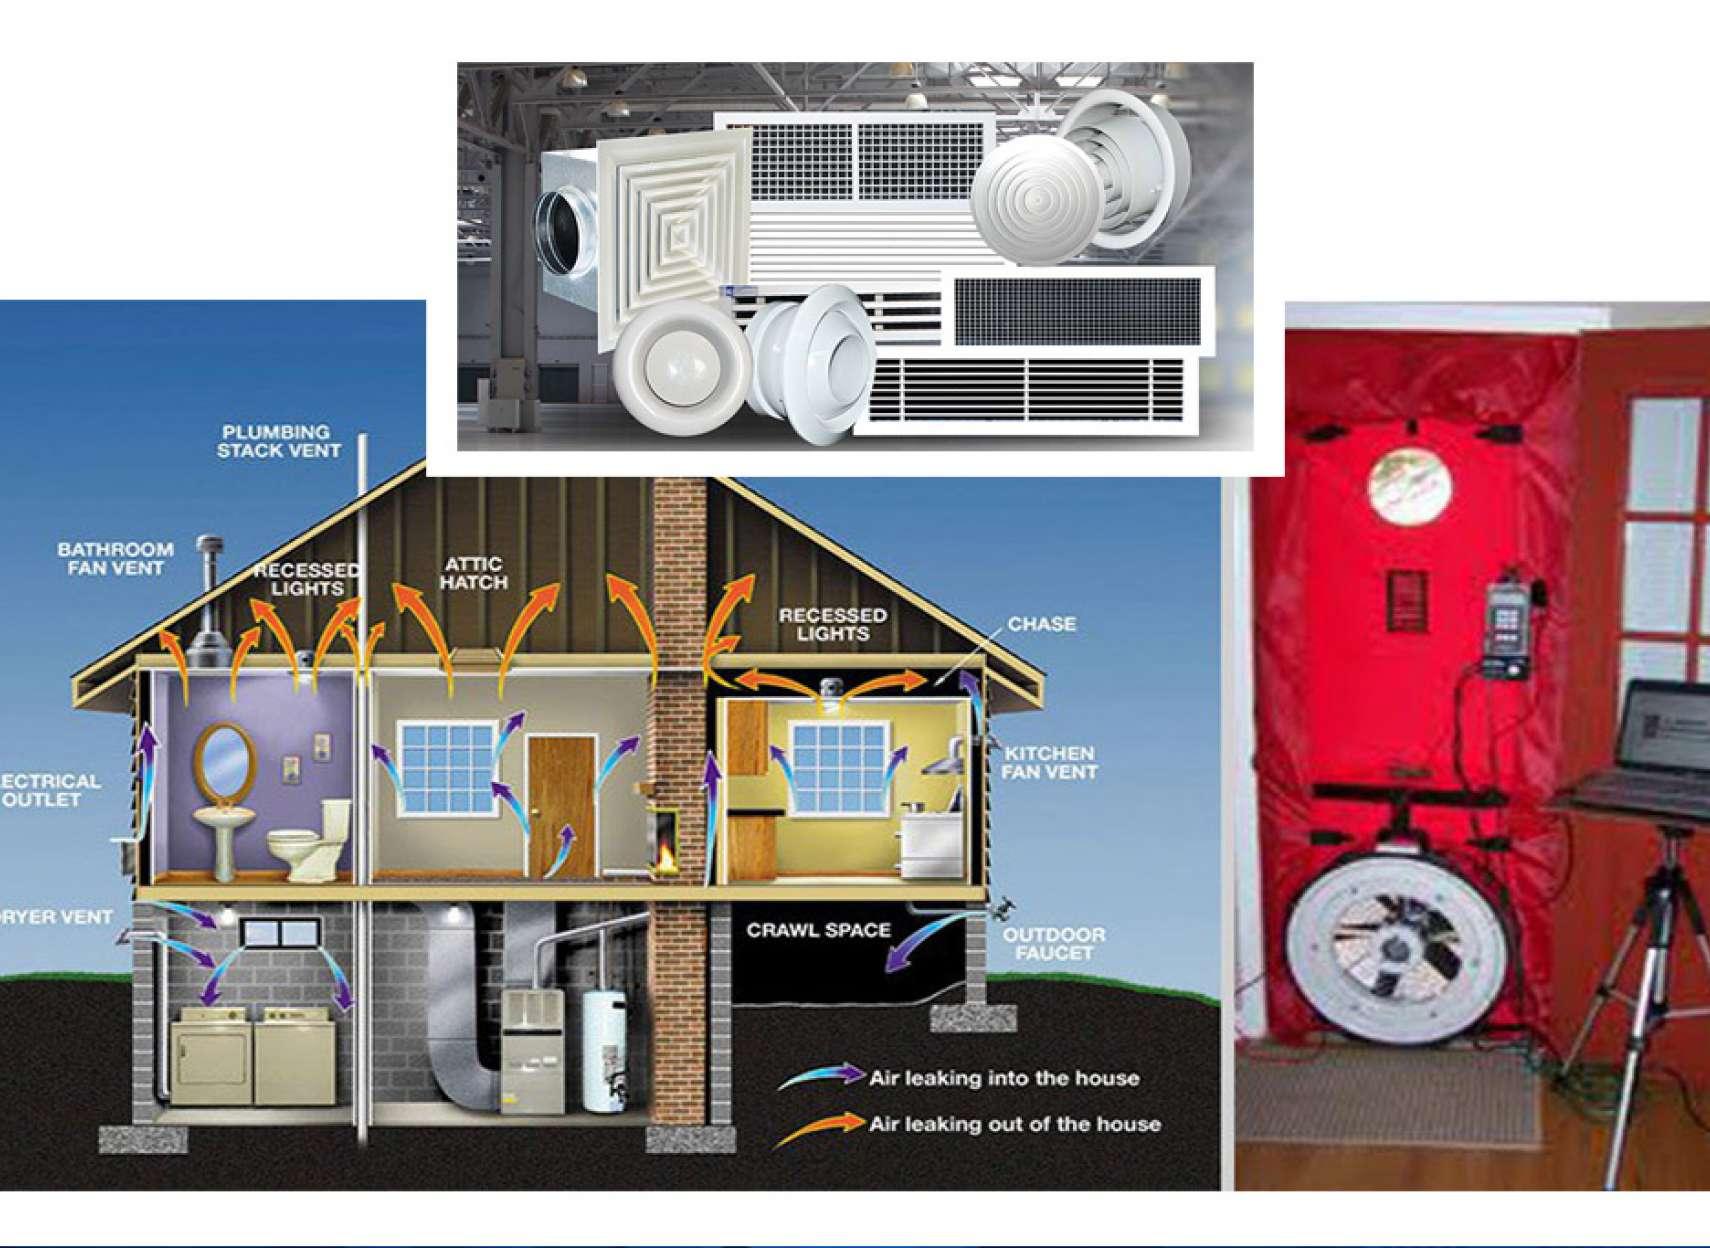 خانه-رامندی-راههای-ایجاد-تعادل-هوایی-در-منزل-توسط-خودتان